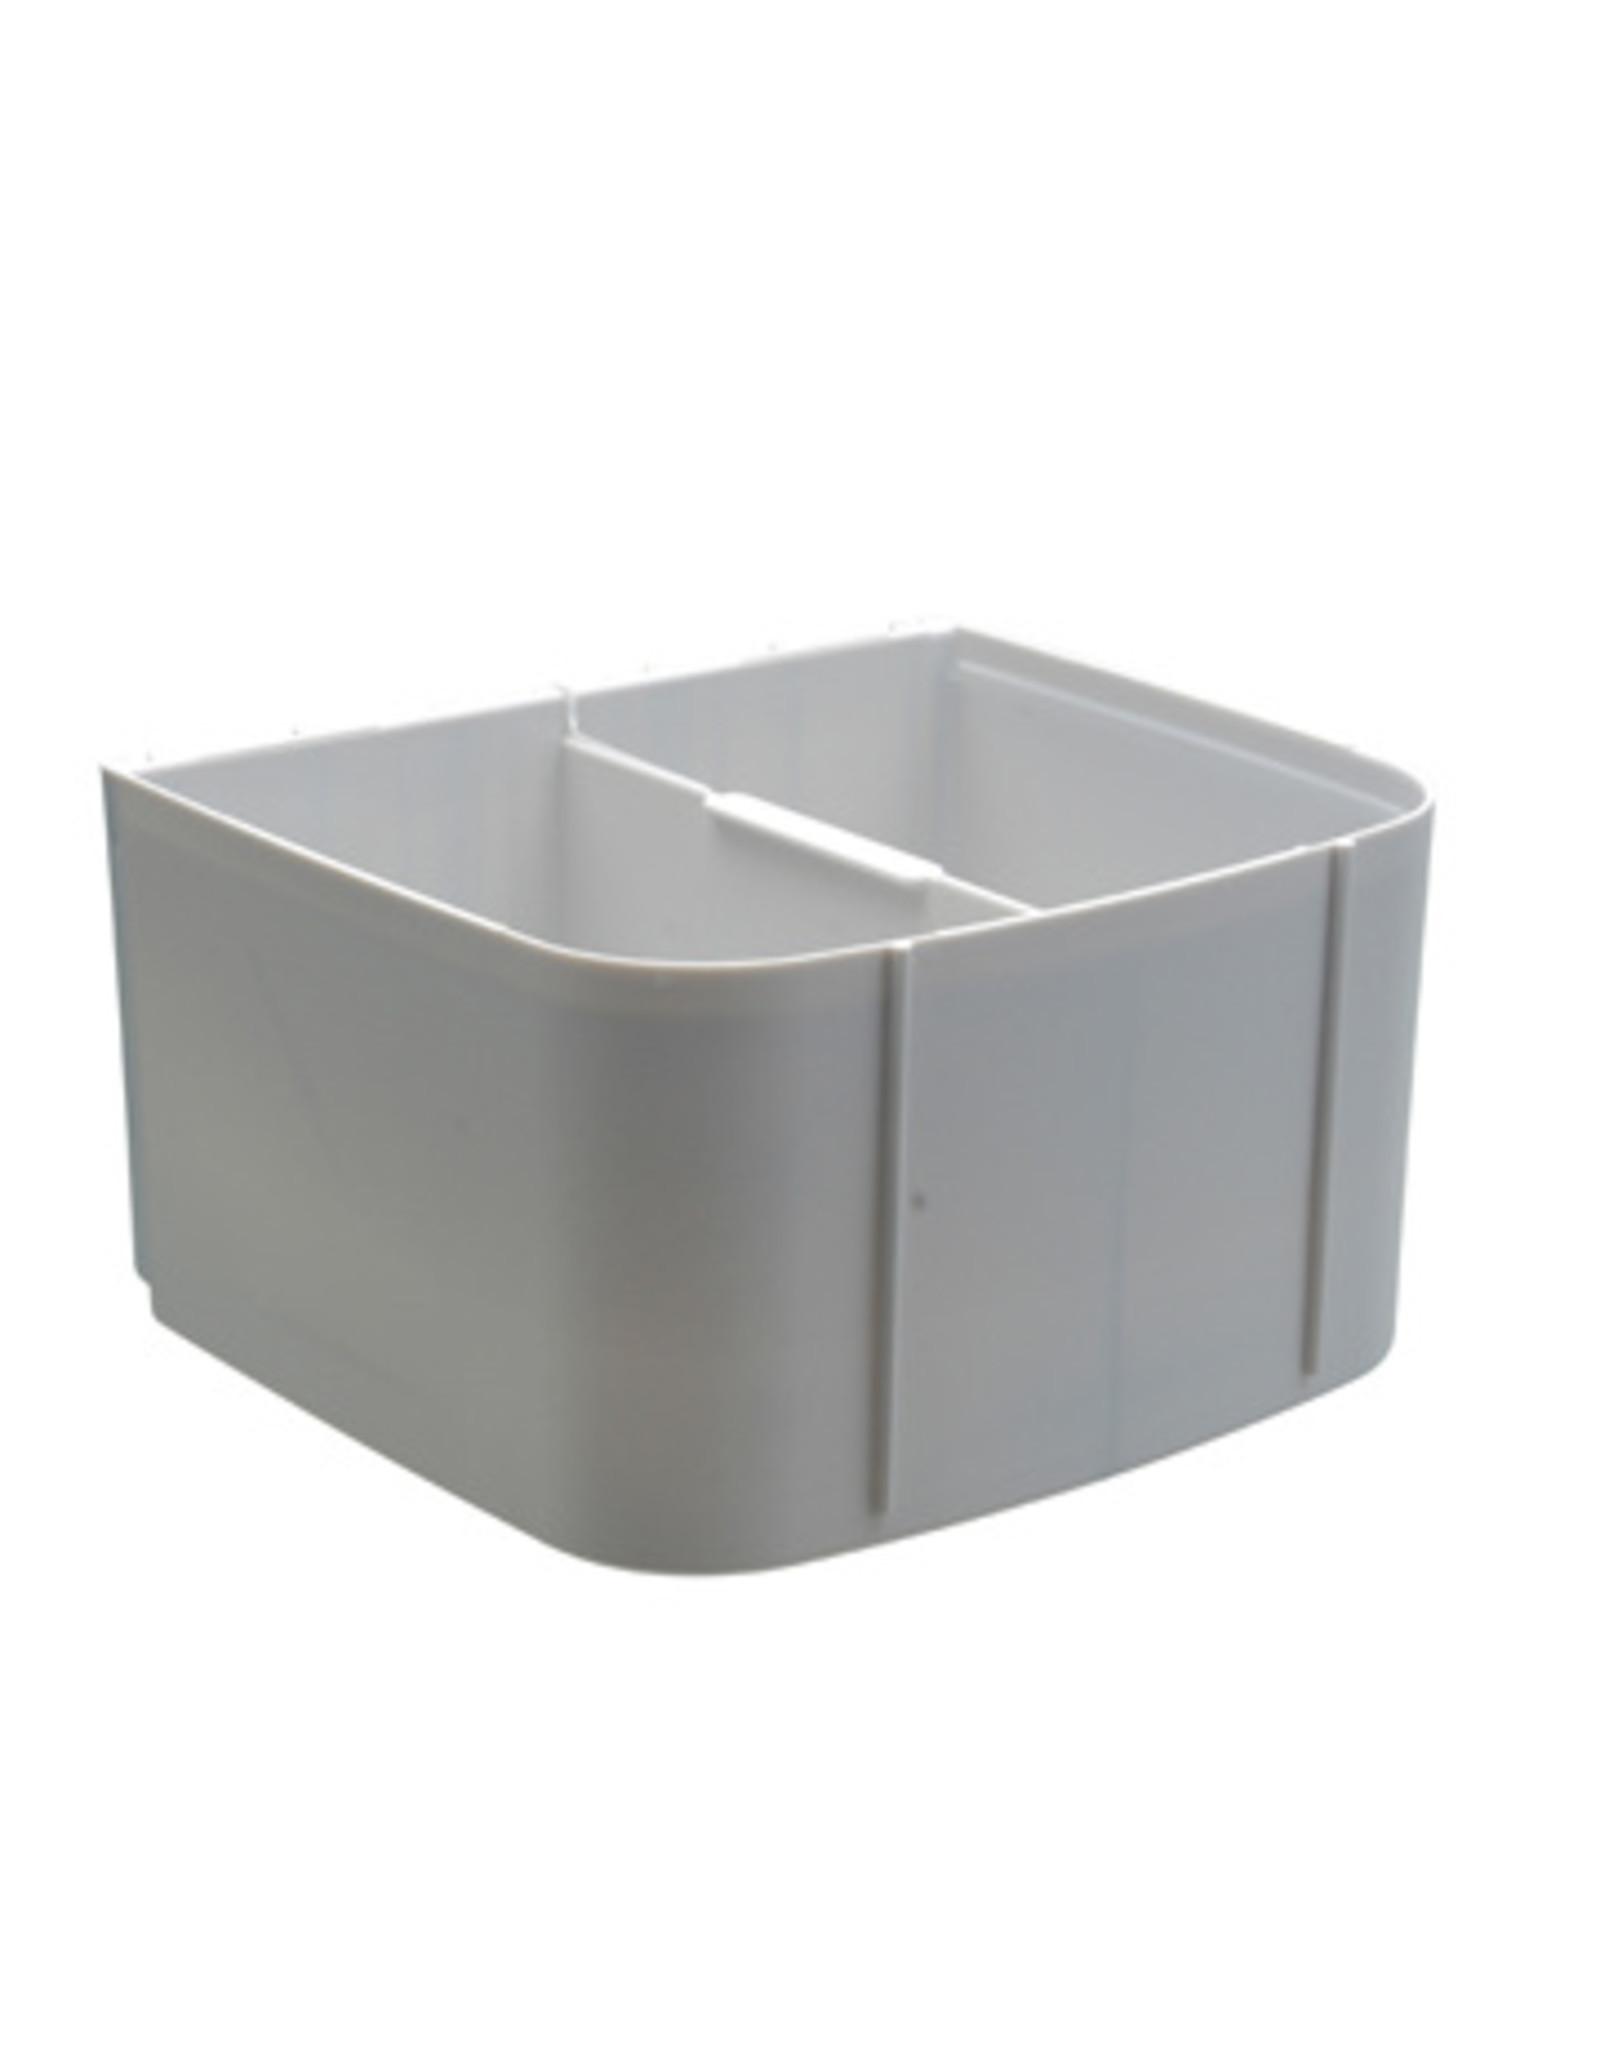 Fluval FLUVAL Media Basket for 305/306/405/406